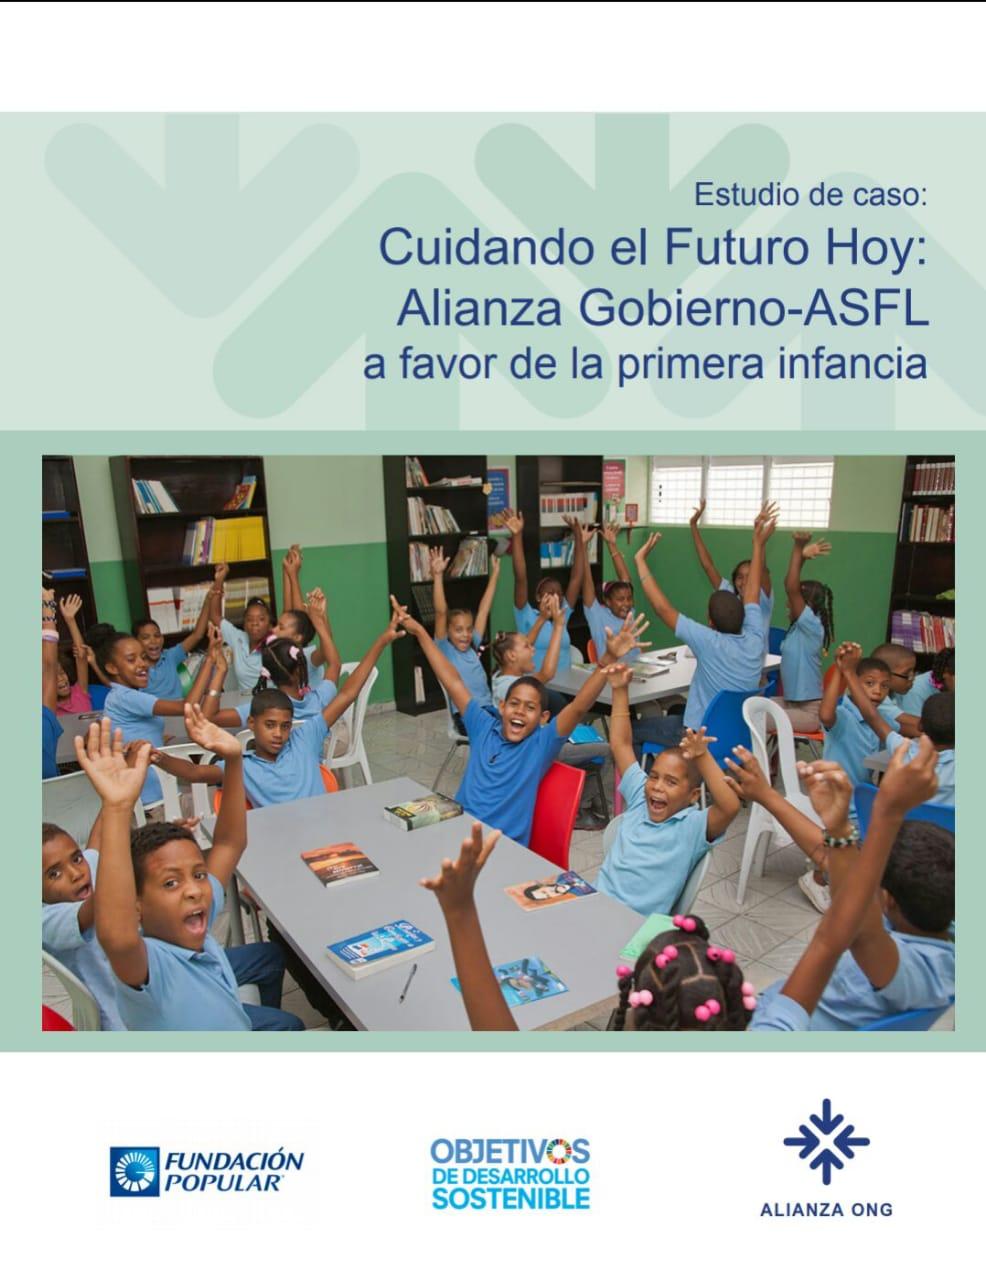 Estudio de caso: Cuidando el Futuro Hoy: Alianza Gobierno-ASFL a favor de la primera infancia